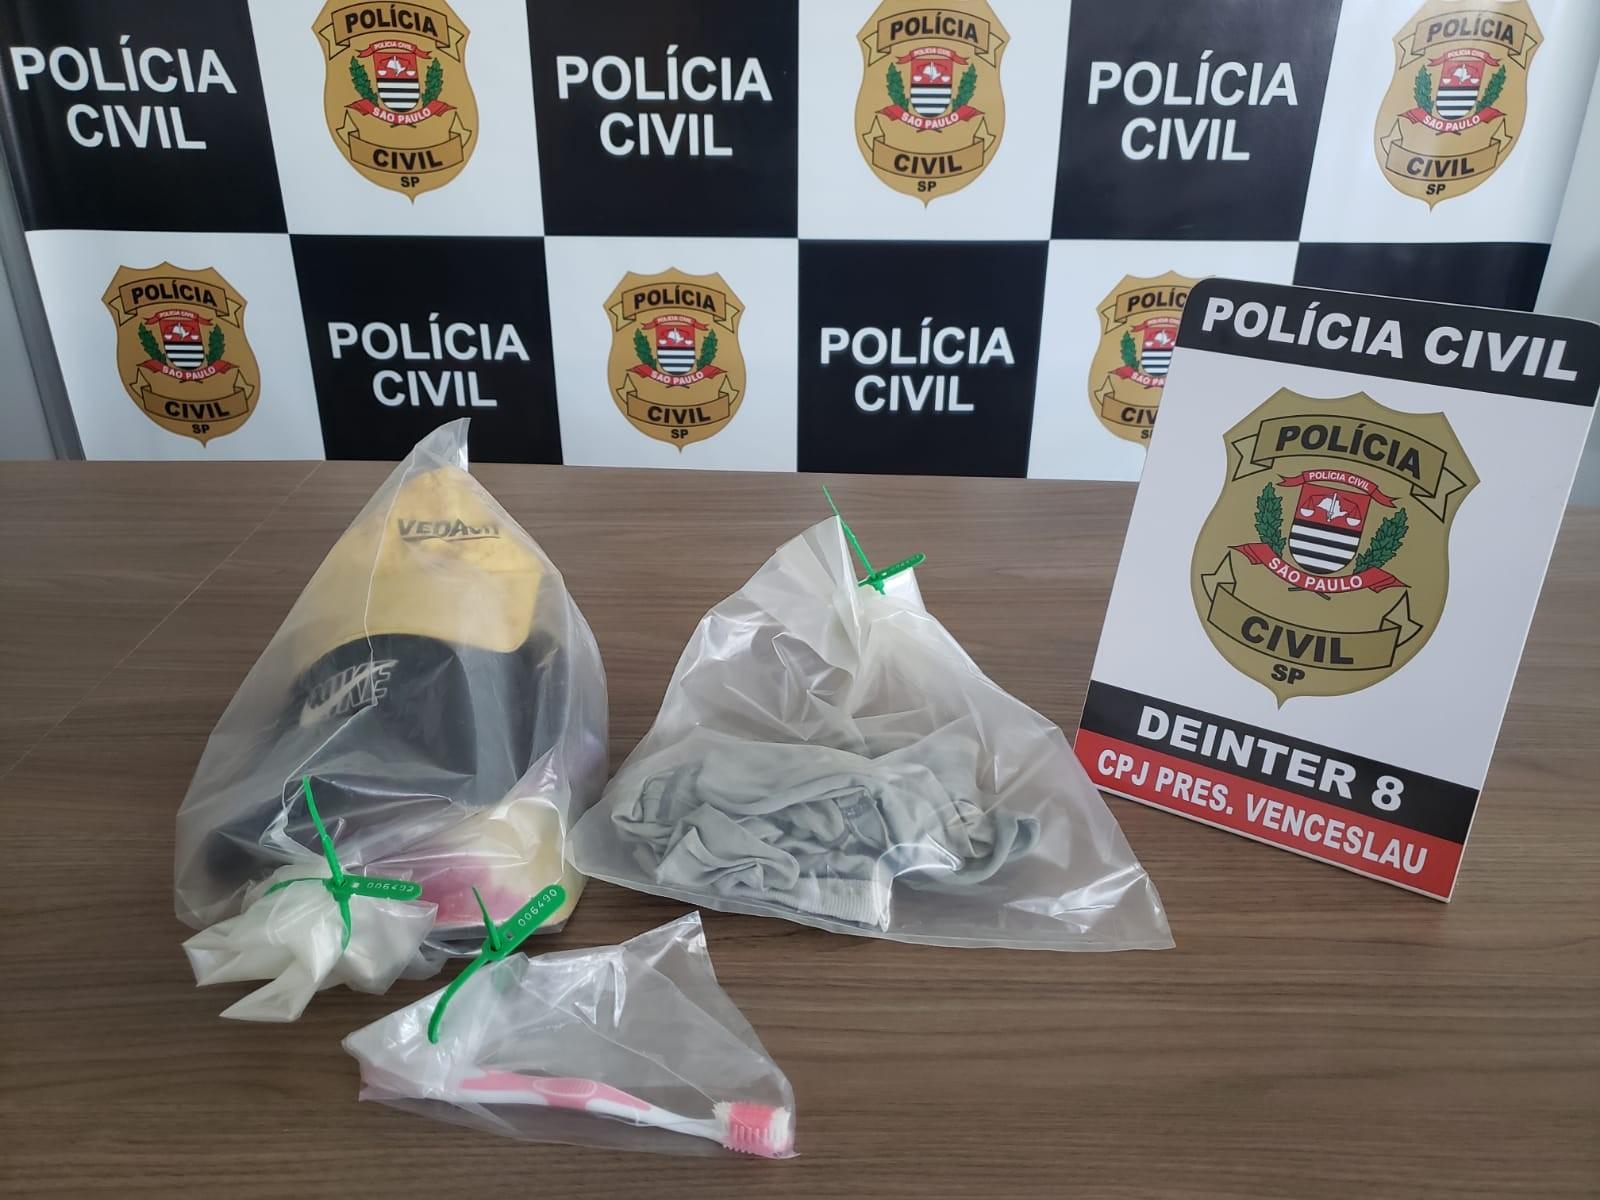 Polícia Civil prende suspeito de crime sexual em Presidente Venceslau